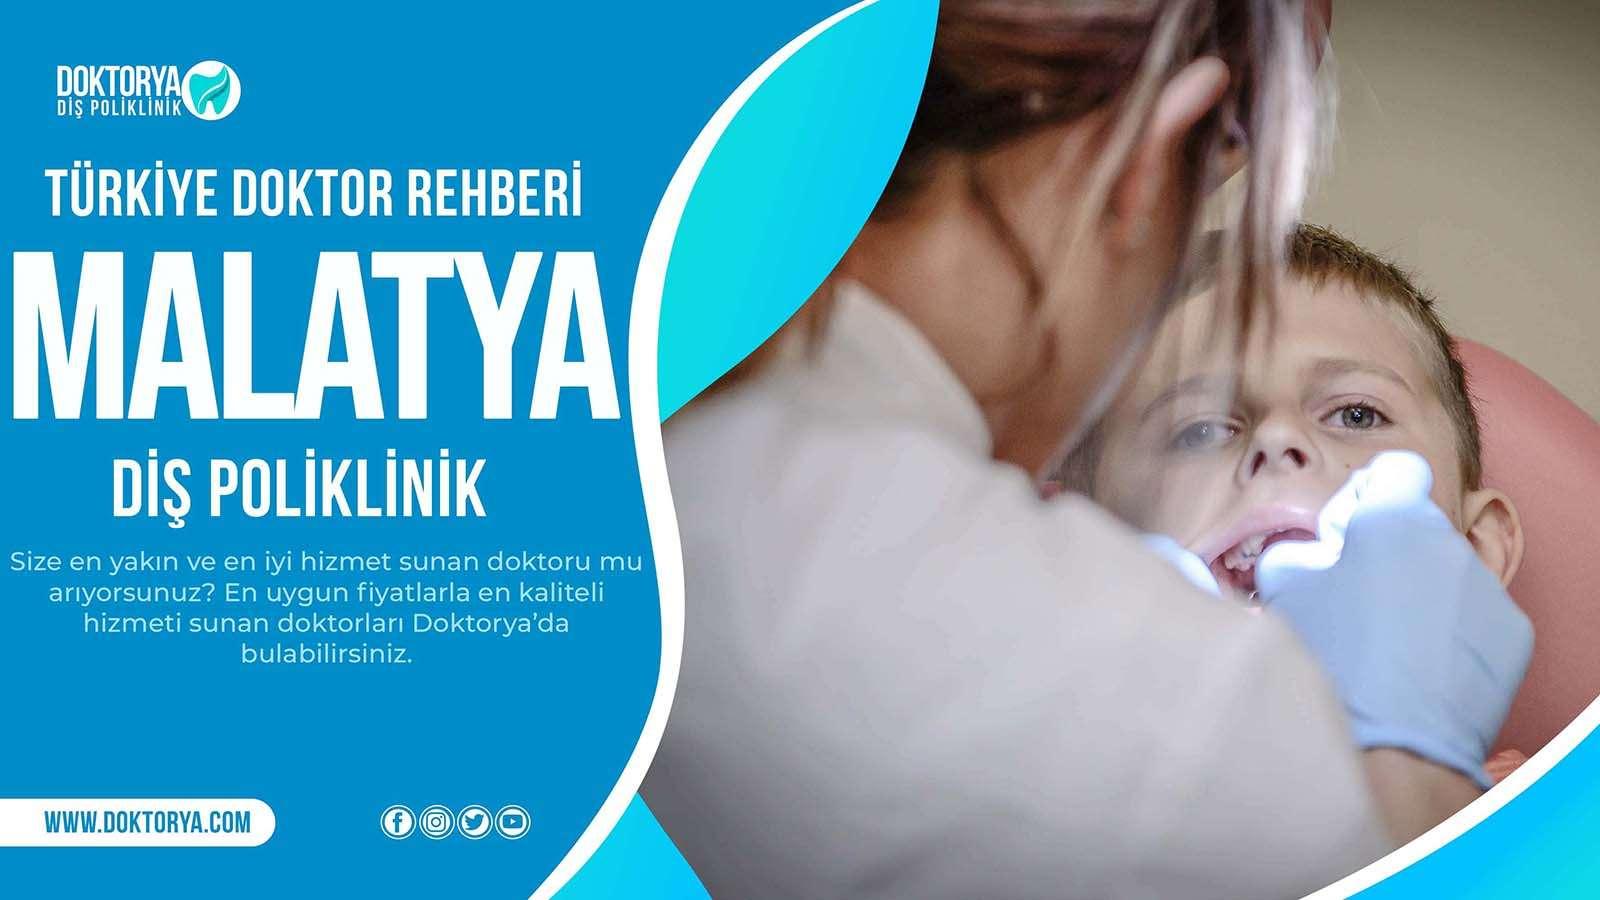 Malatya Diş Poliklinik